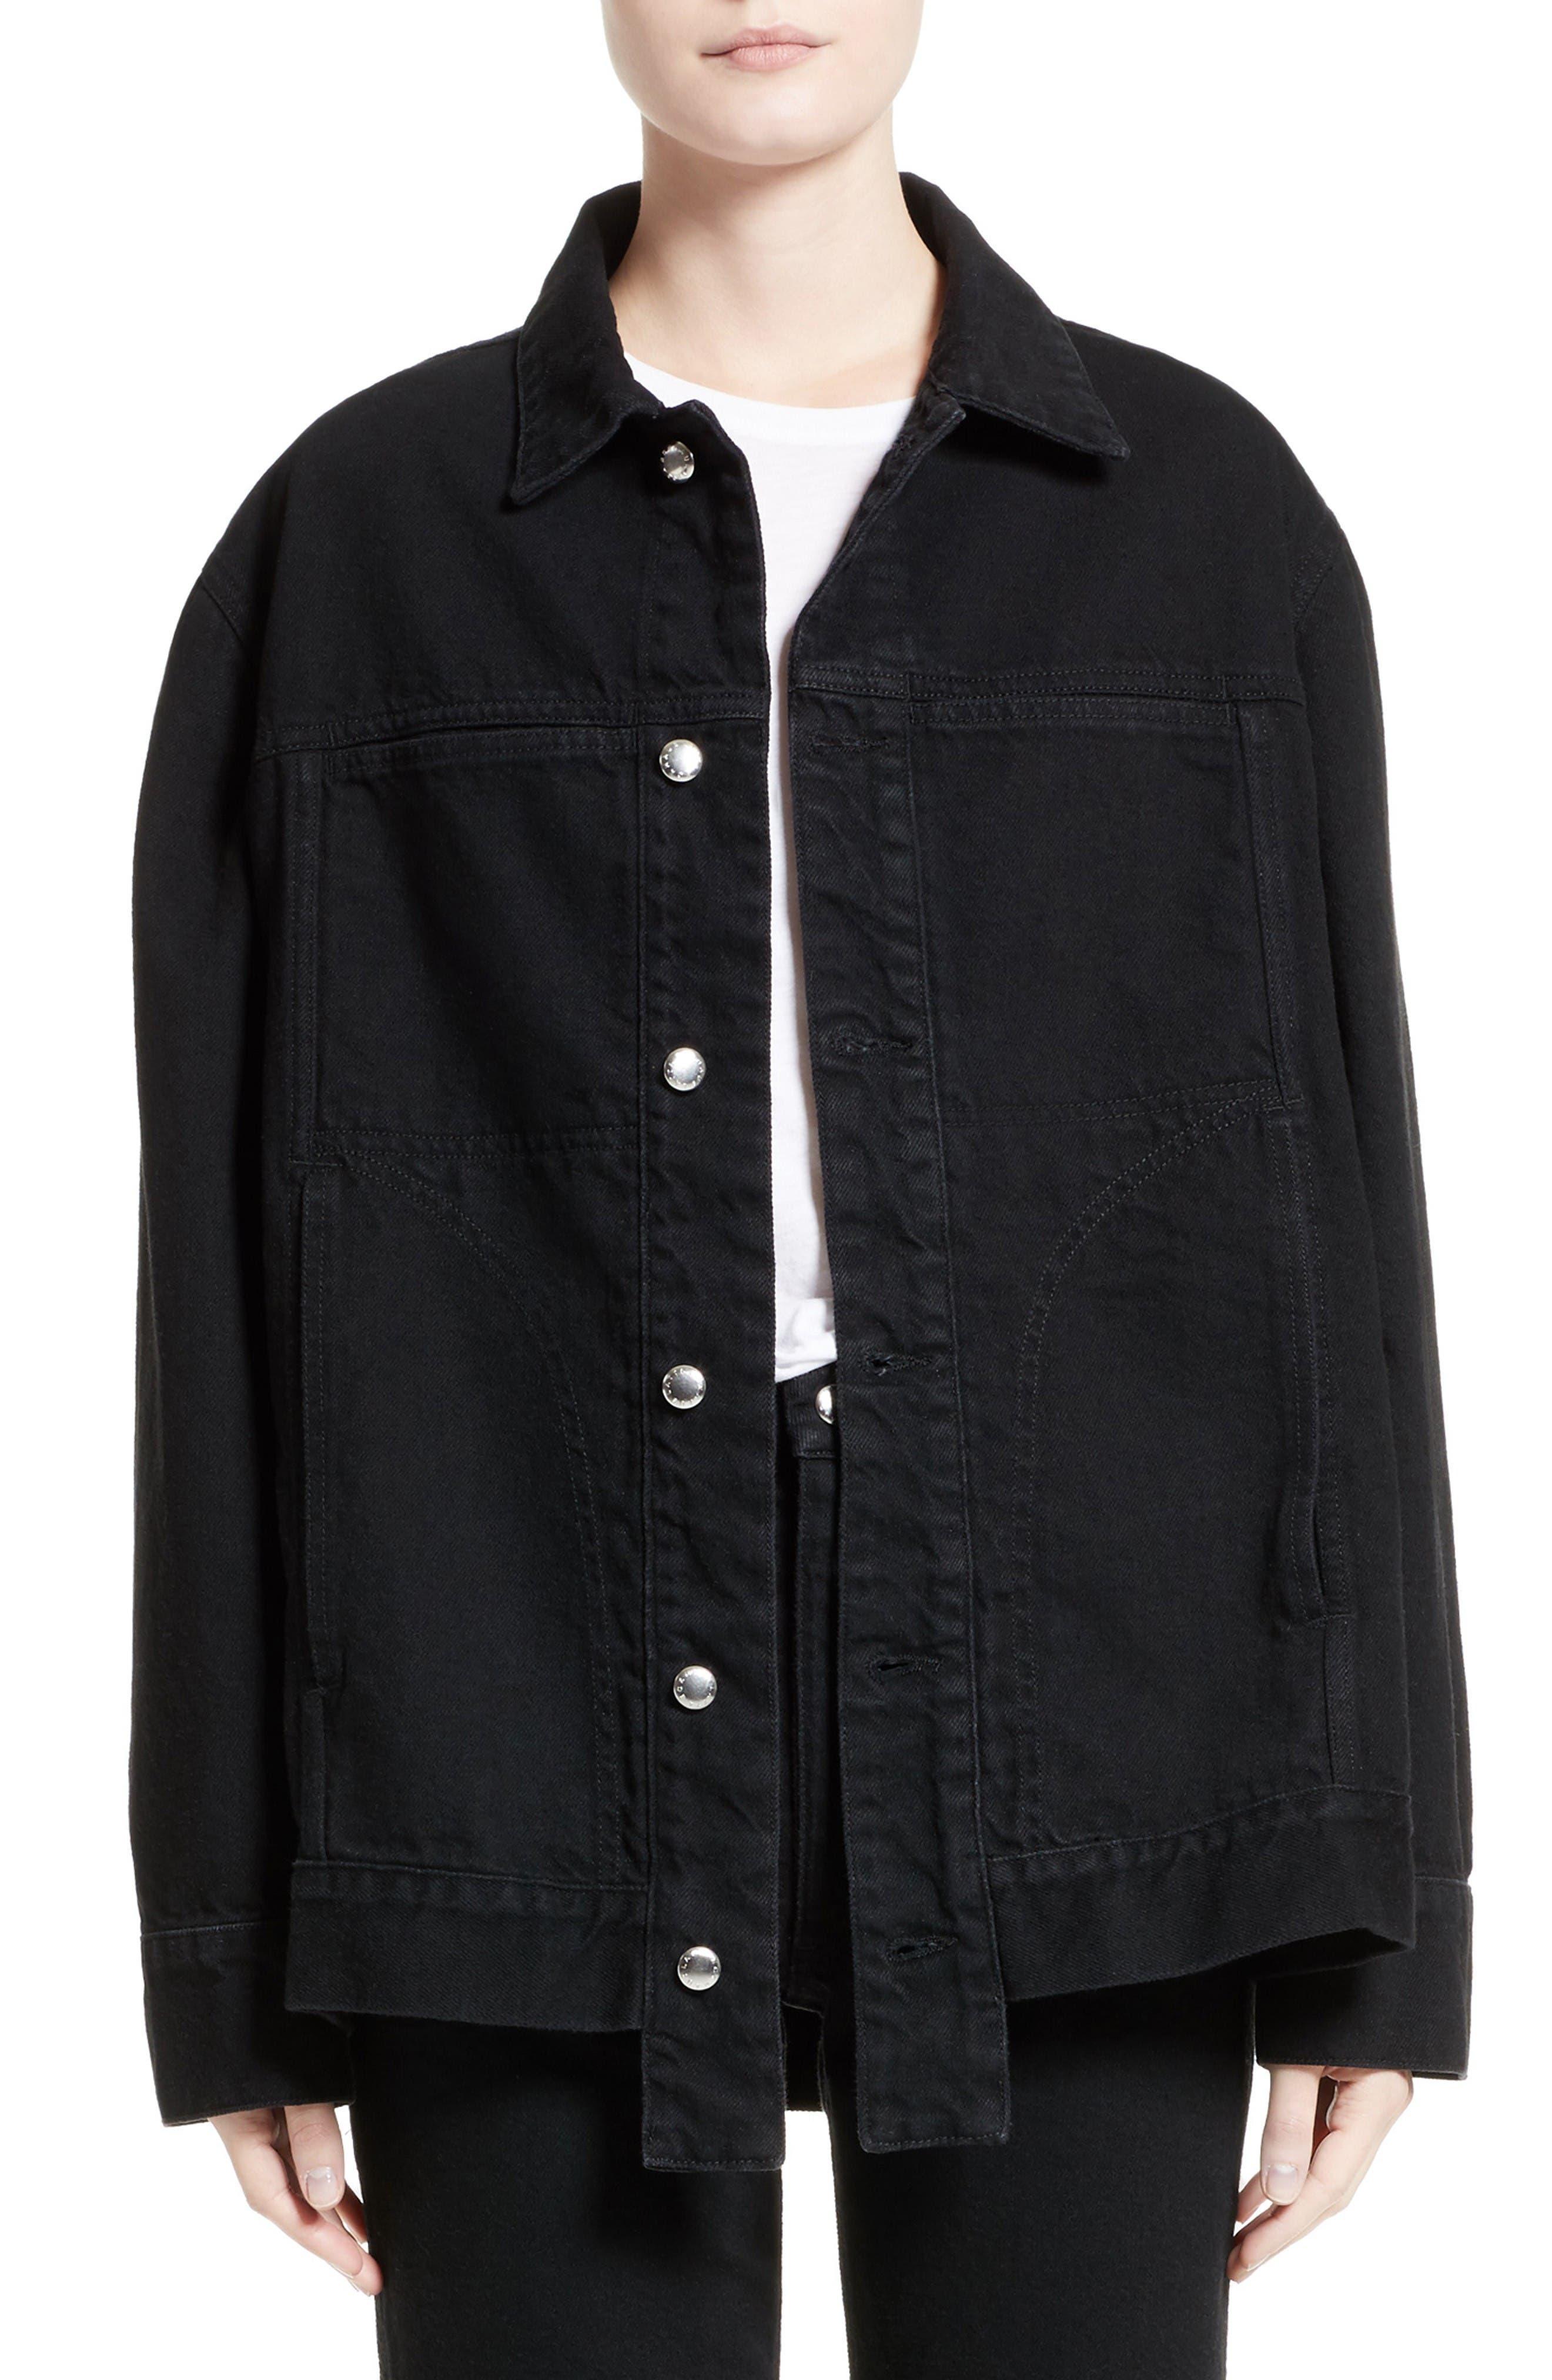 Eckhaus Latta Denim Jacket